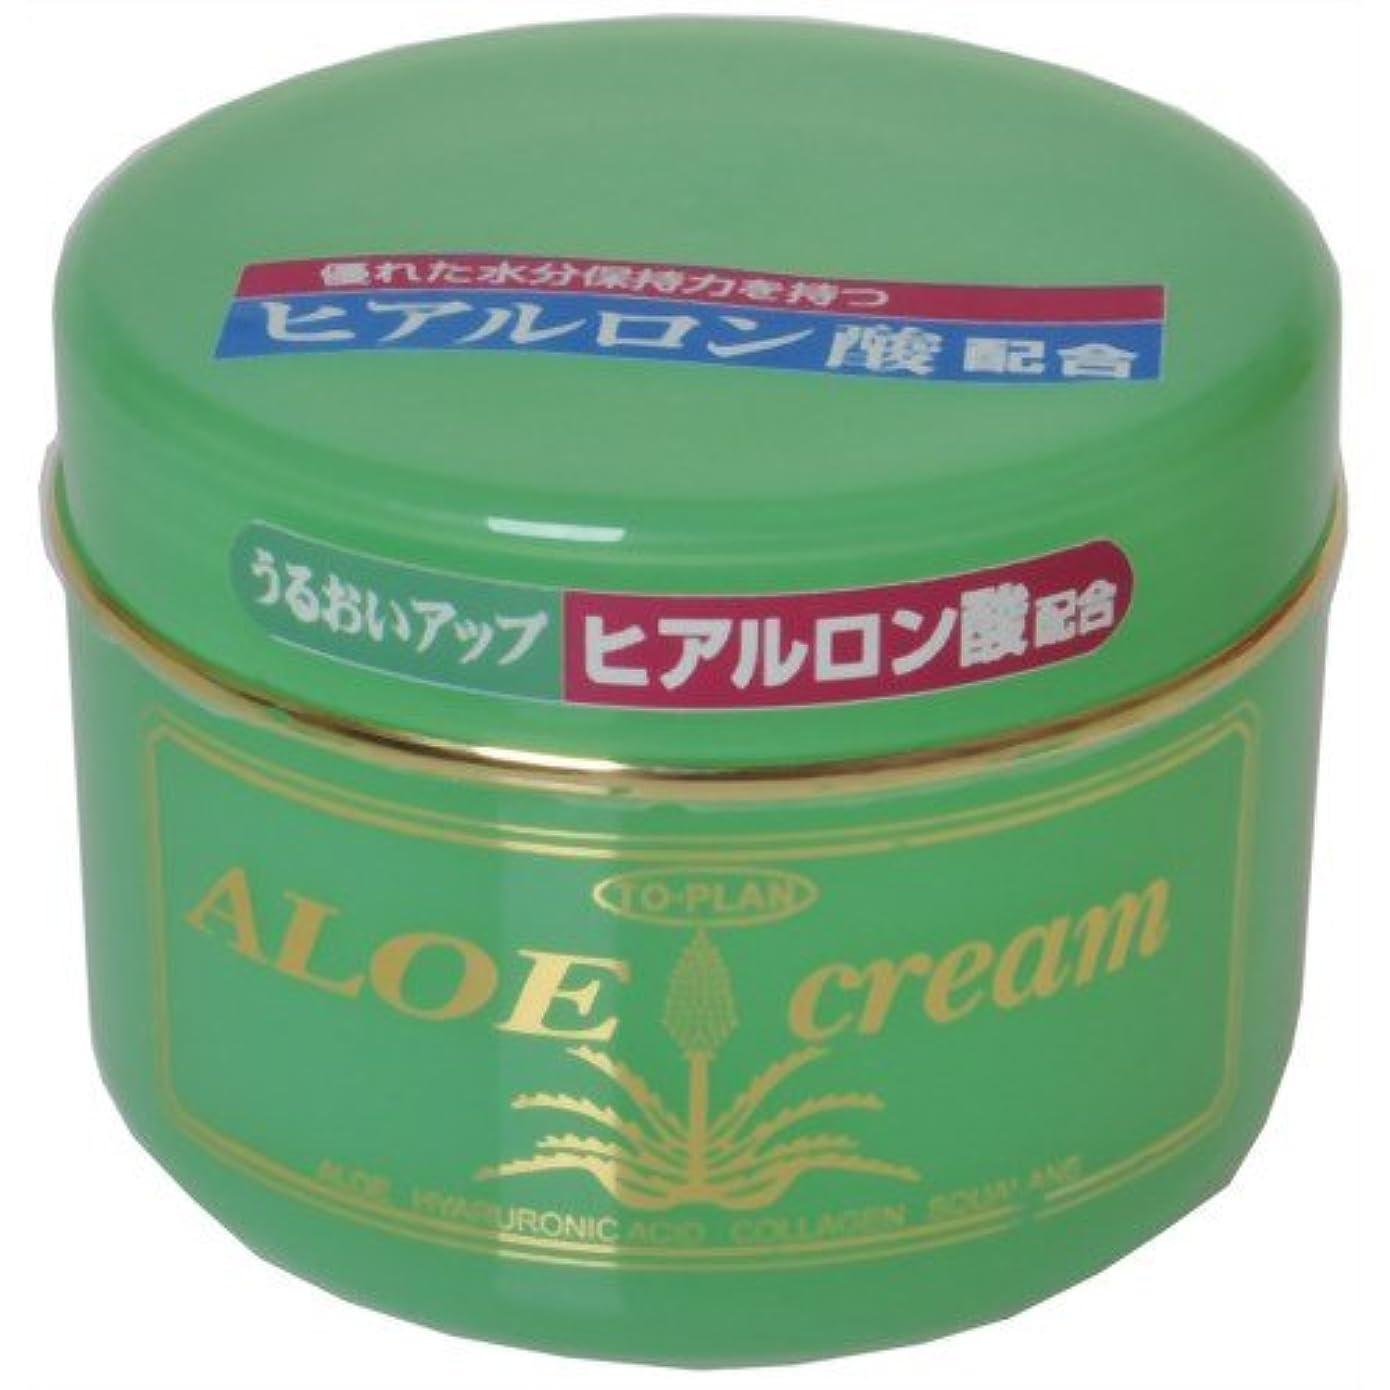 食欲切手漂流TO-PLAN(トプラン) ヒアルロン酸?アロエエキス?スクワラン配合アロエクリーム170g